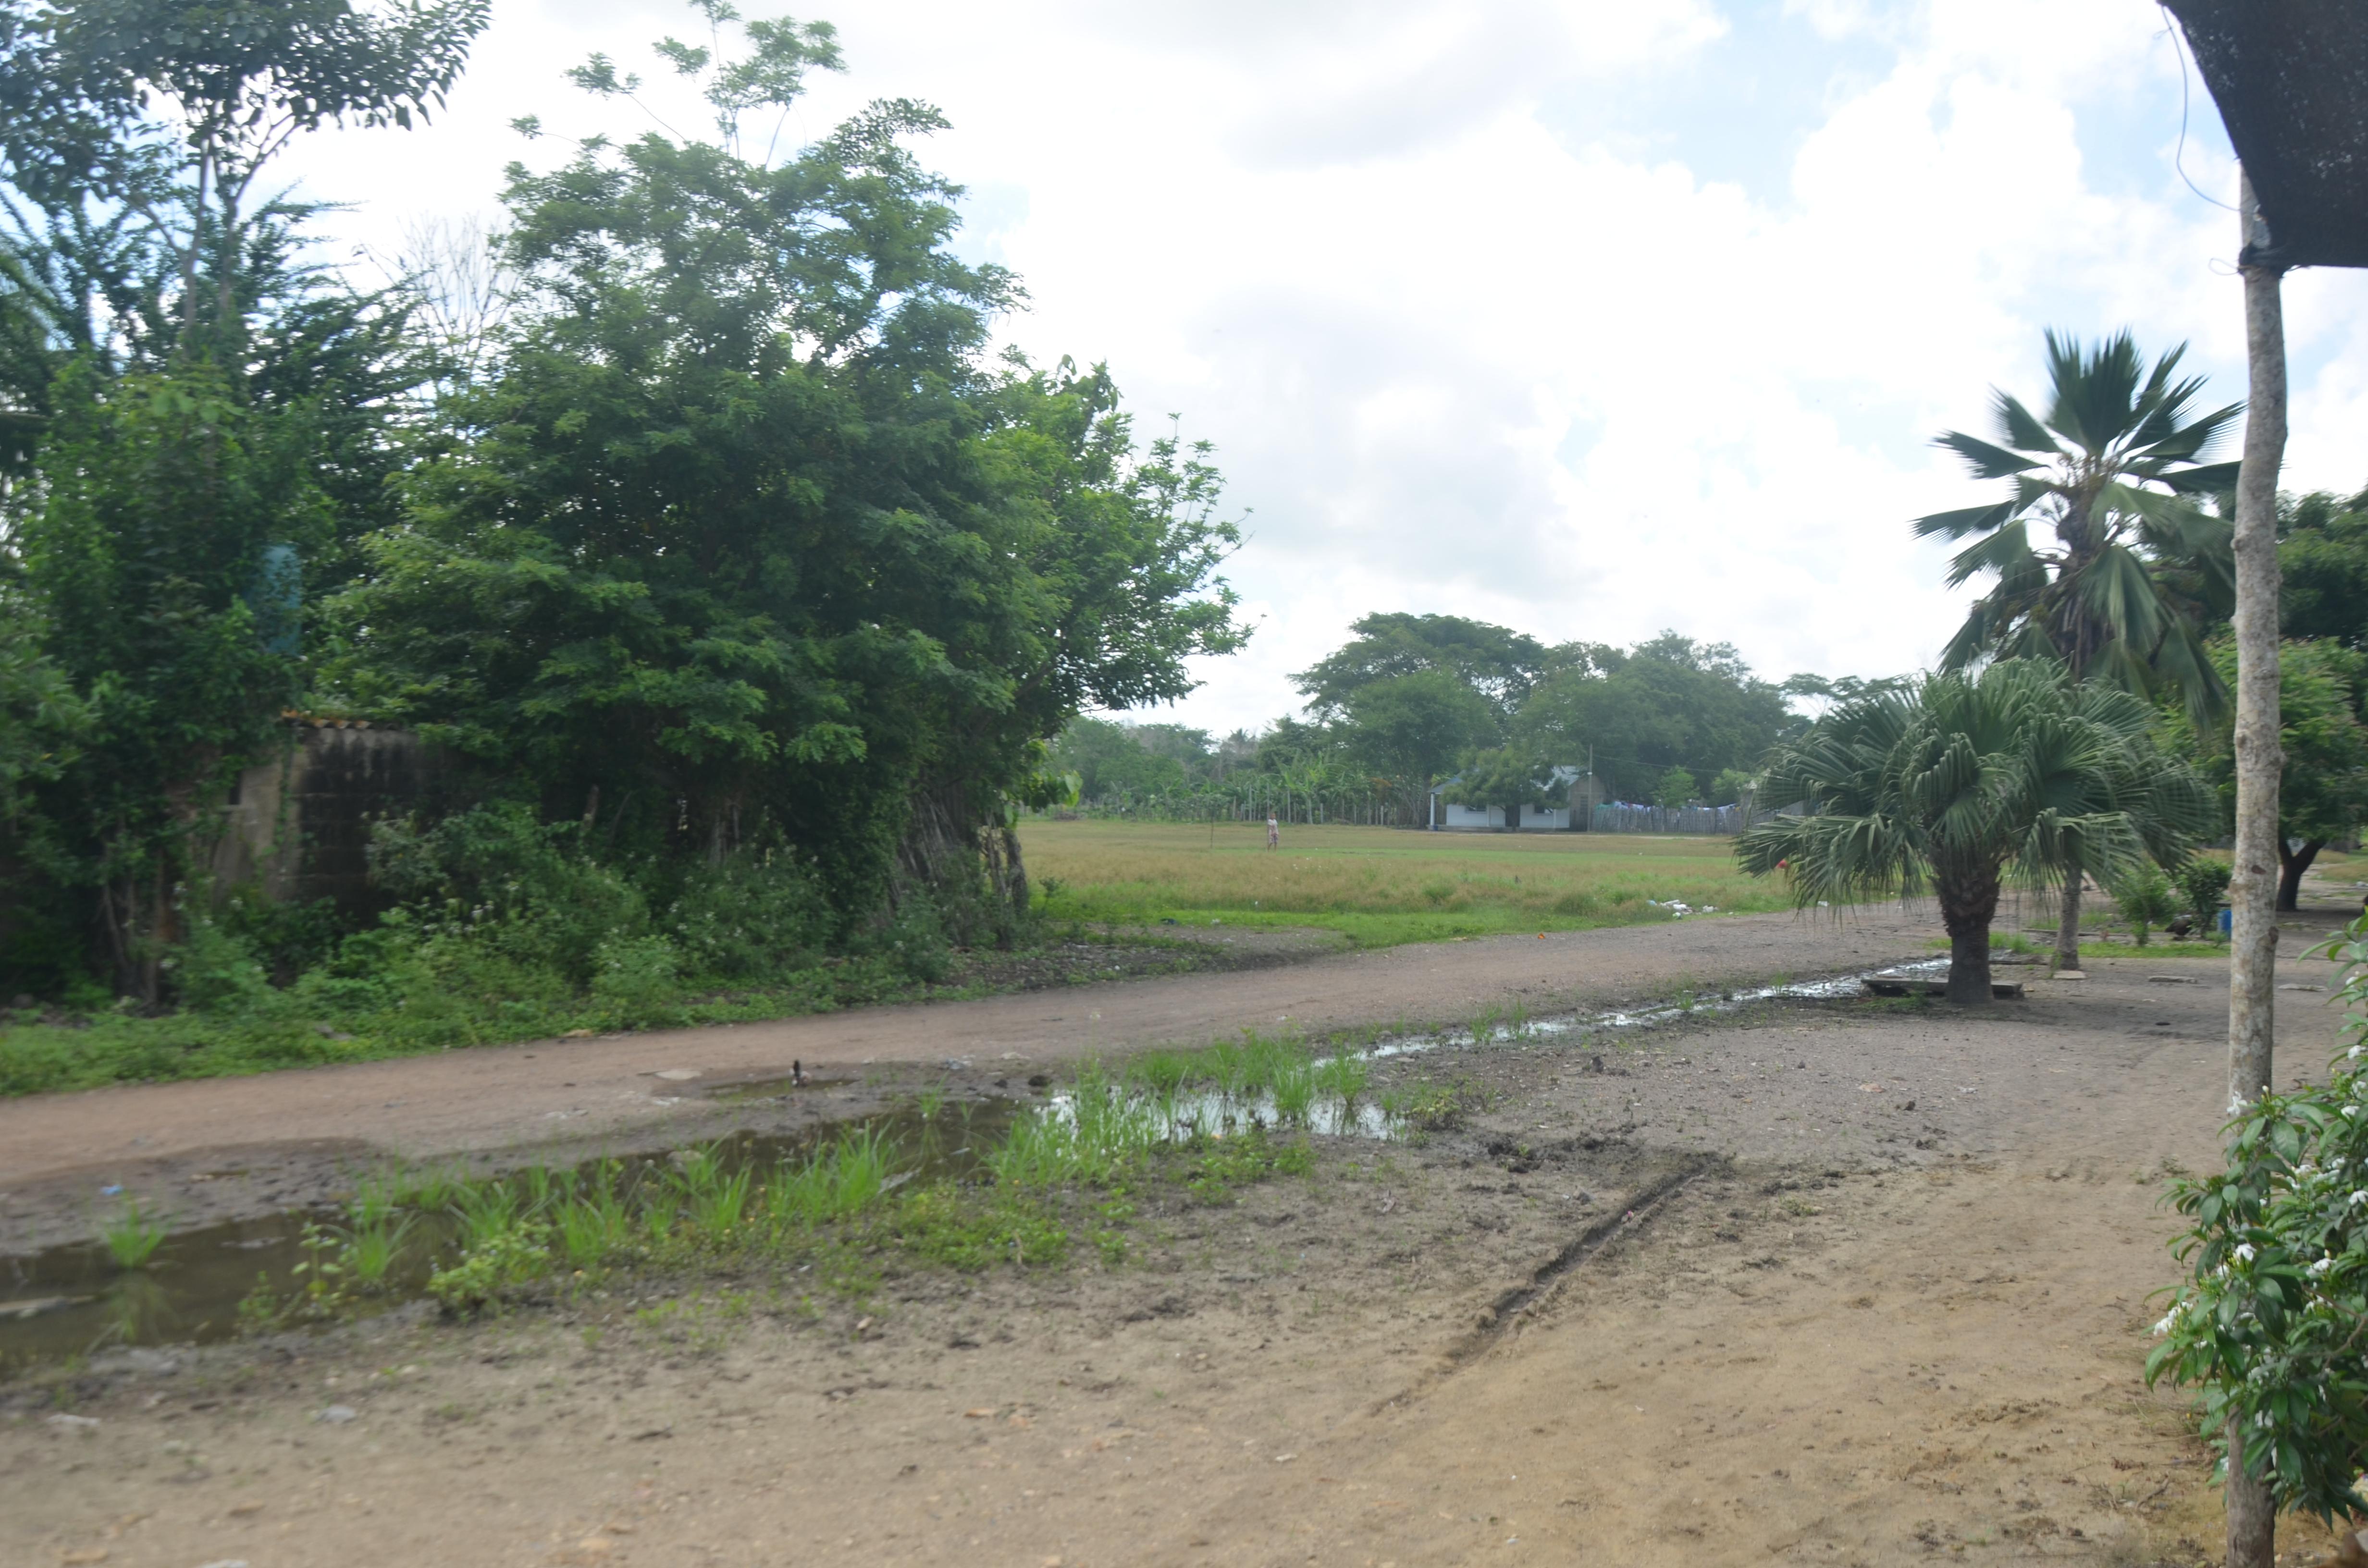 Todas las calles de Puerto Viejo están destapadas. Varias tienen zanjas con aguas servidas.